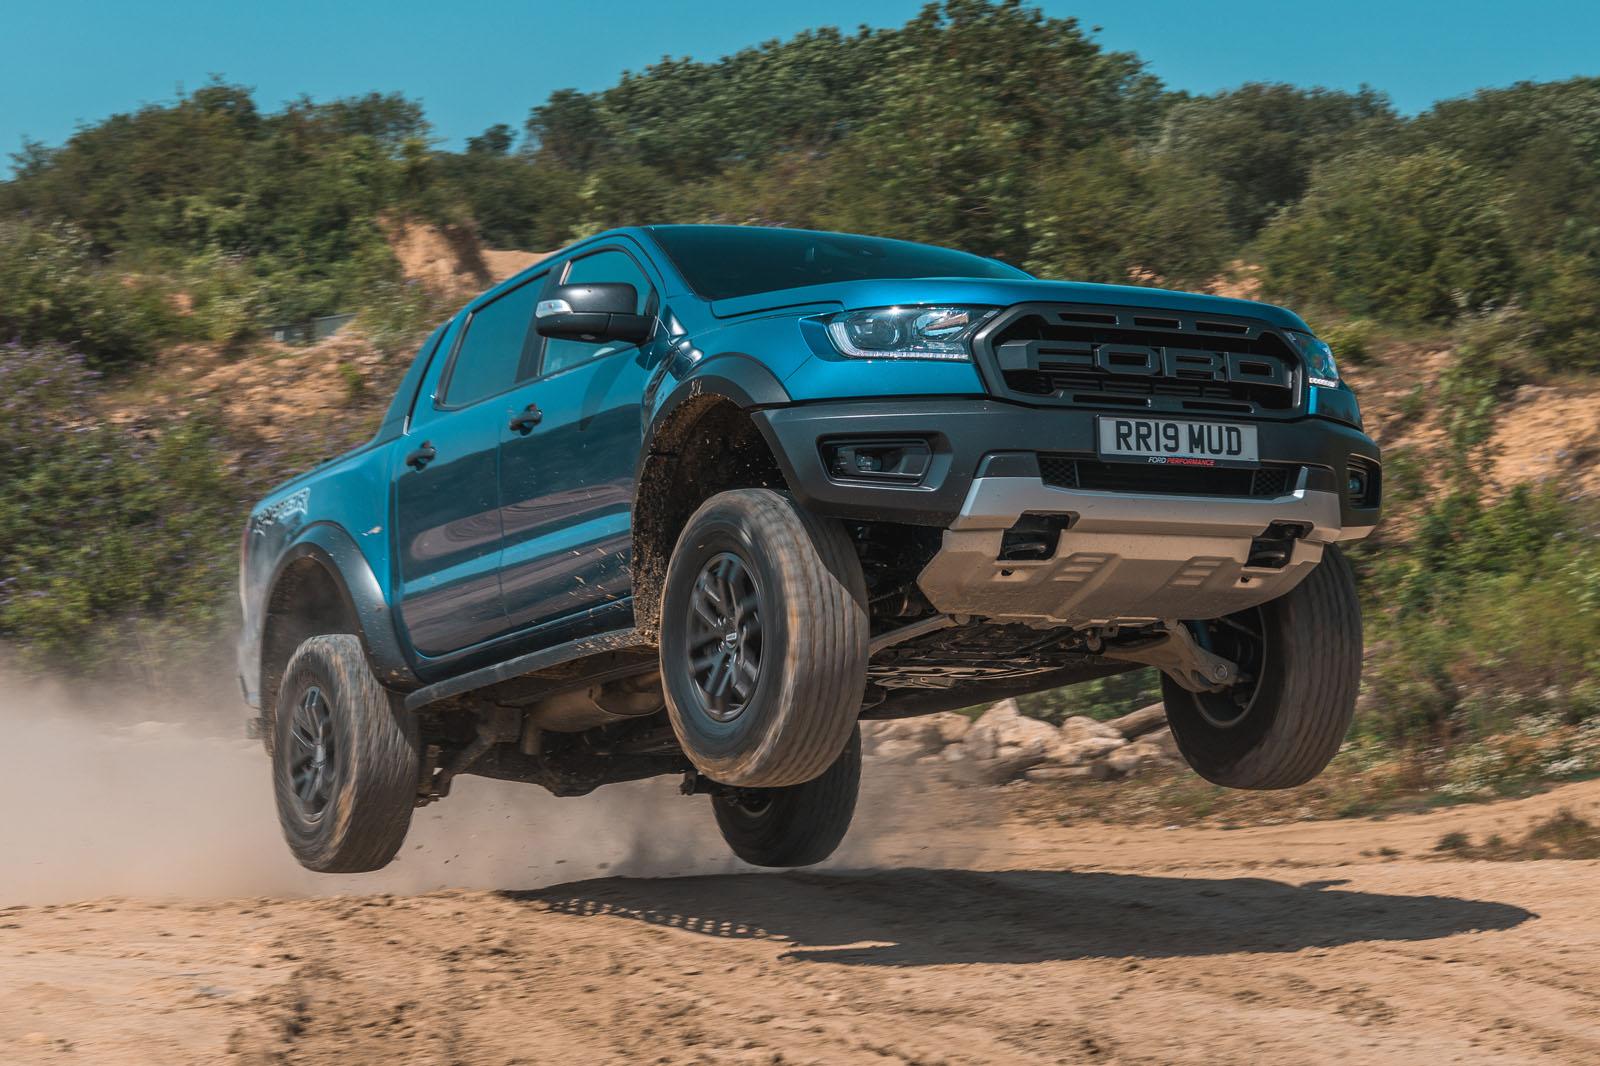 По данным австралийских СМИ, Ford Ranger в новой топовой версии получит подзаряжаемую гибридную систему.